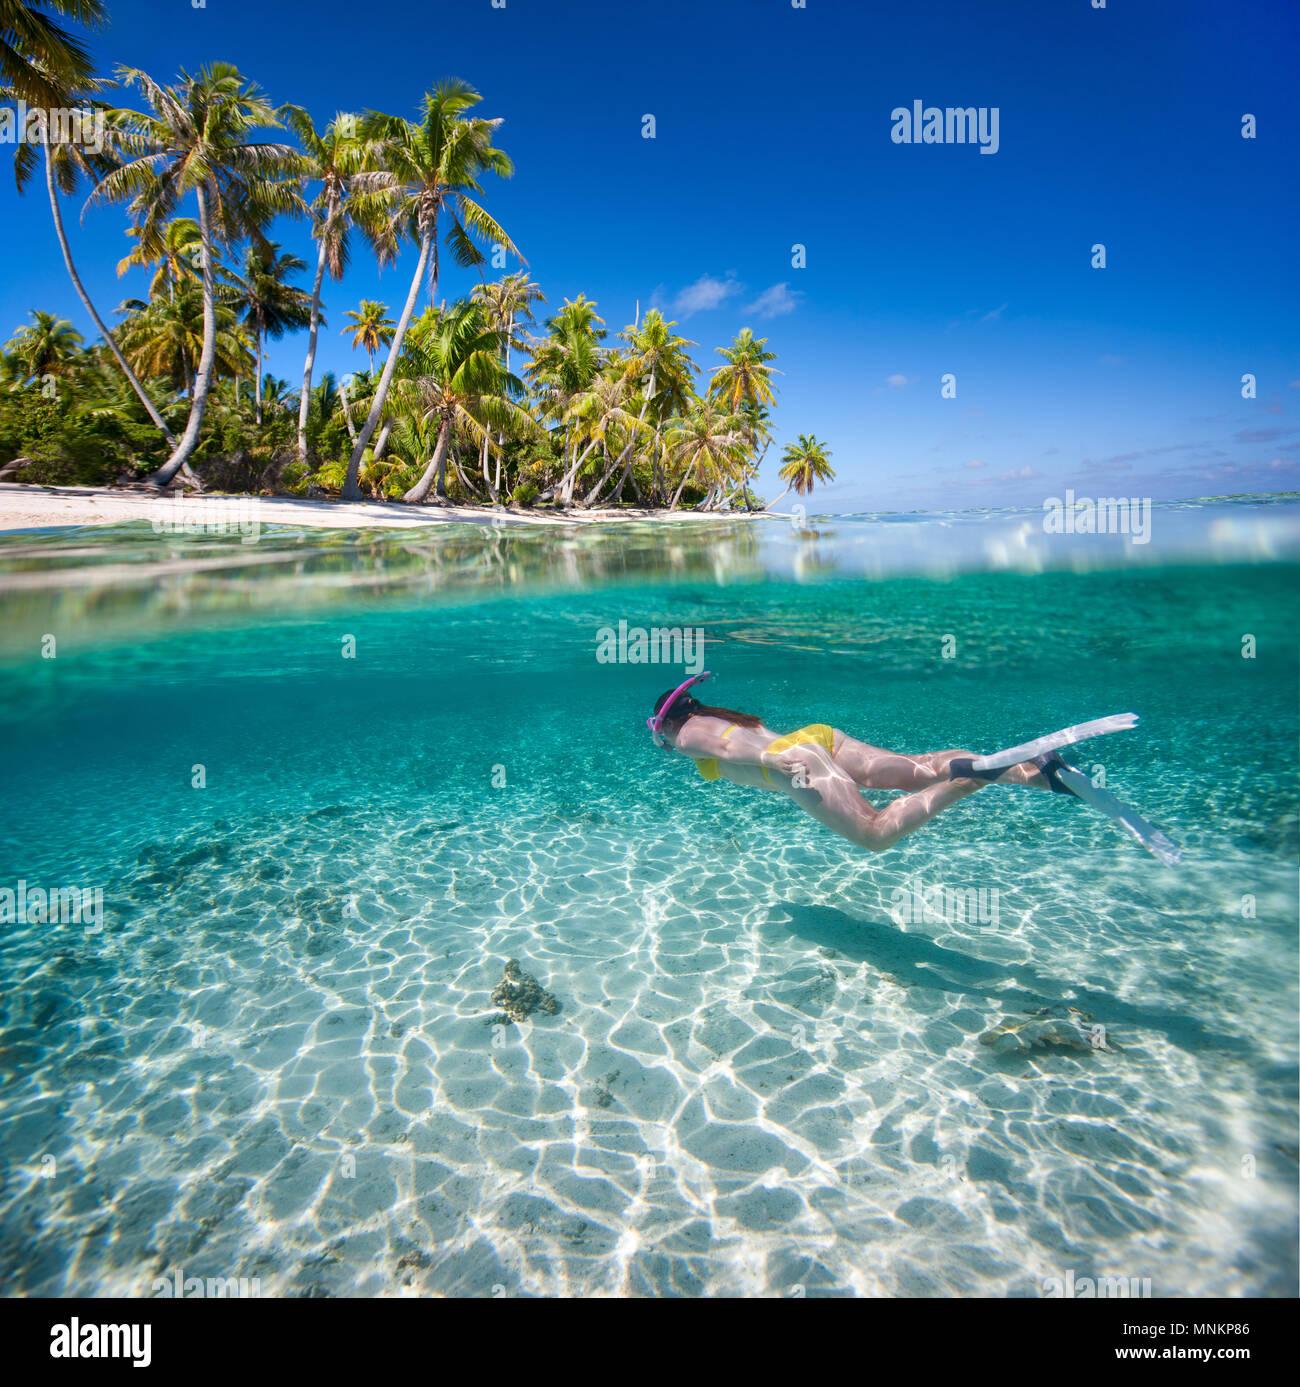 Mujer nadar en aguas claras tropicales delante de exótica isla Foto de stock